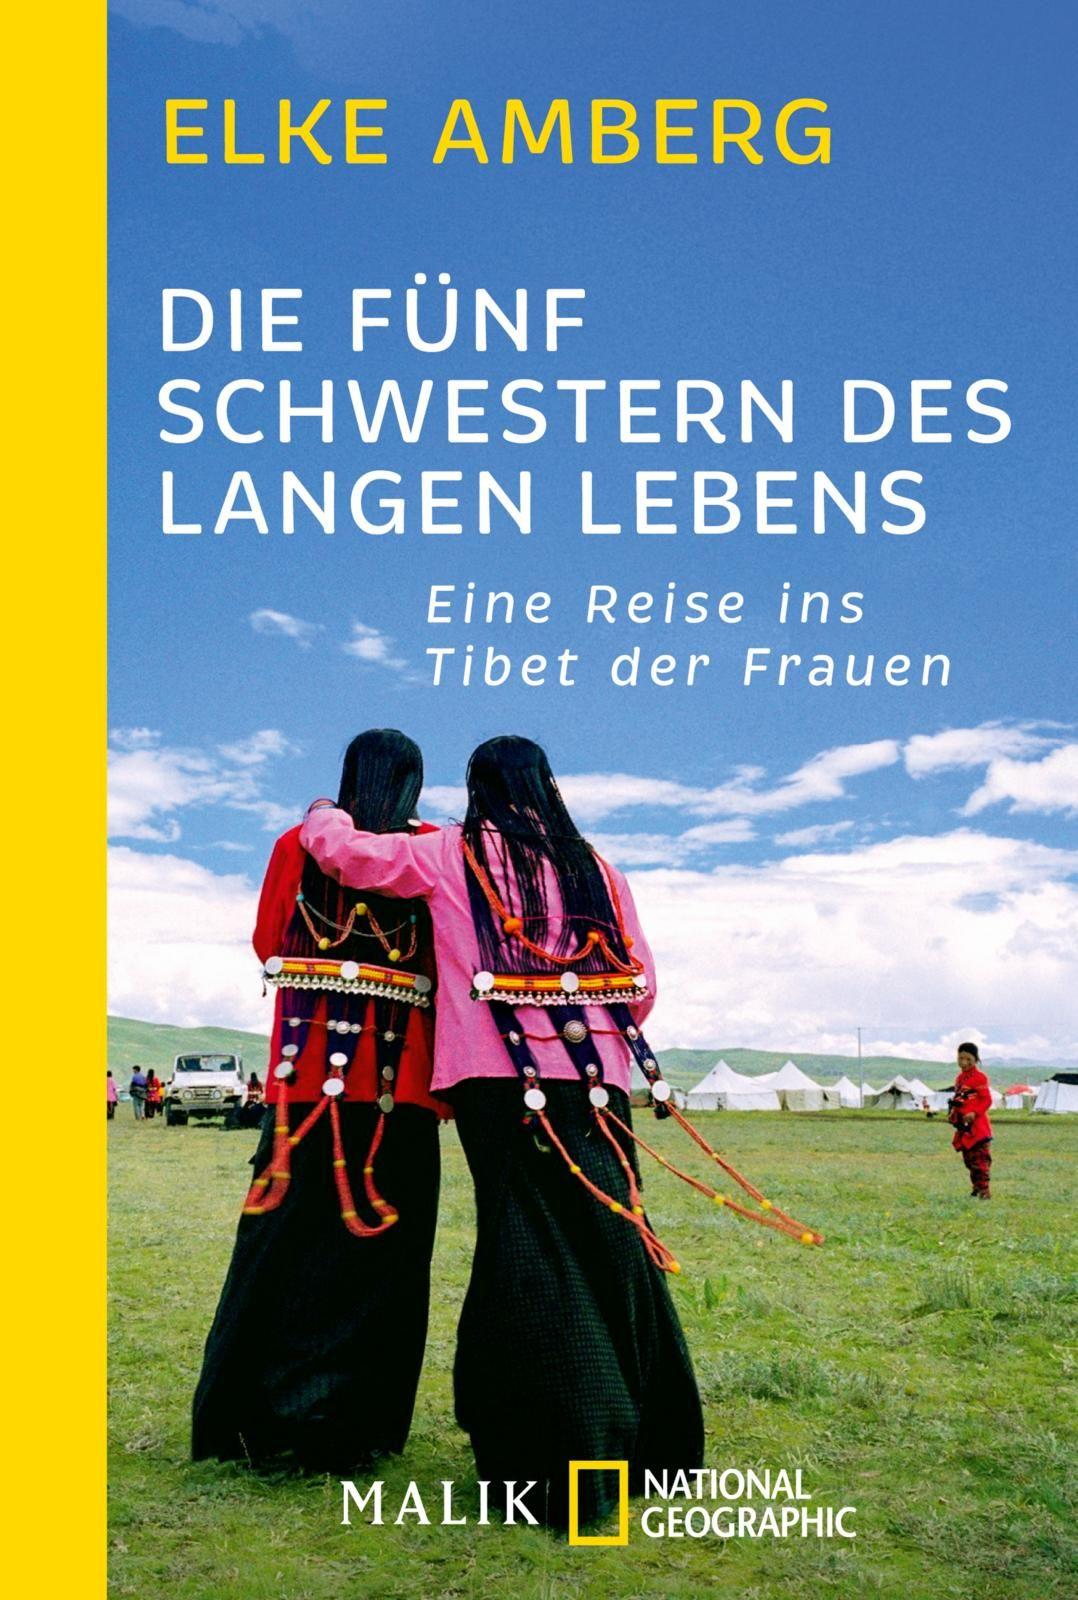 Die fünf Schwestern des langen Lebens Elke Amberg 9783492404785